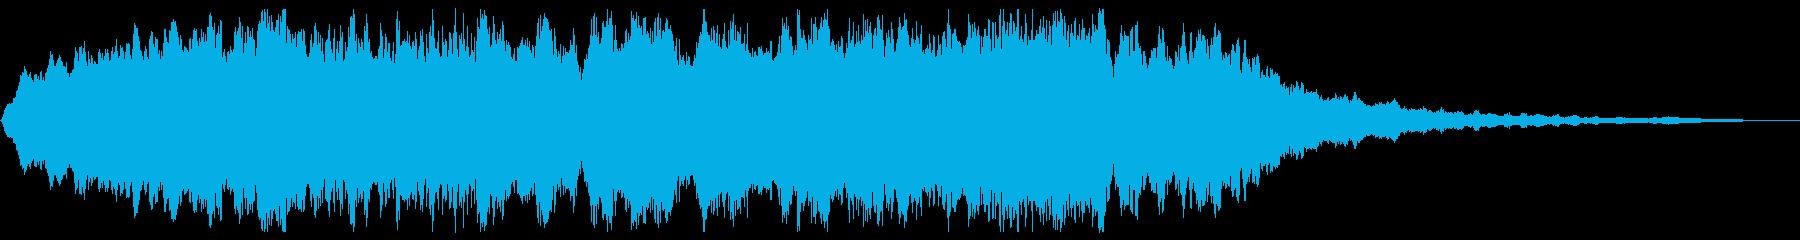 ホラーBGM 恐怖の演出 不気味な背景音の再生済みの波形